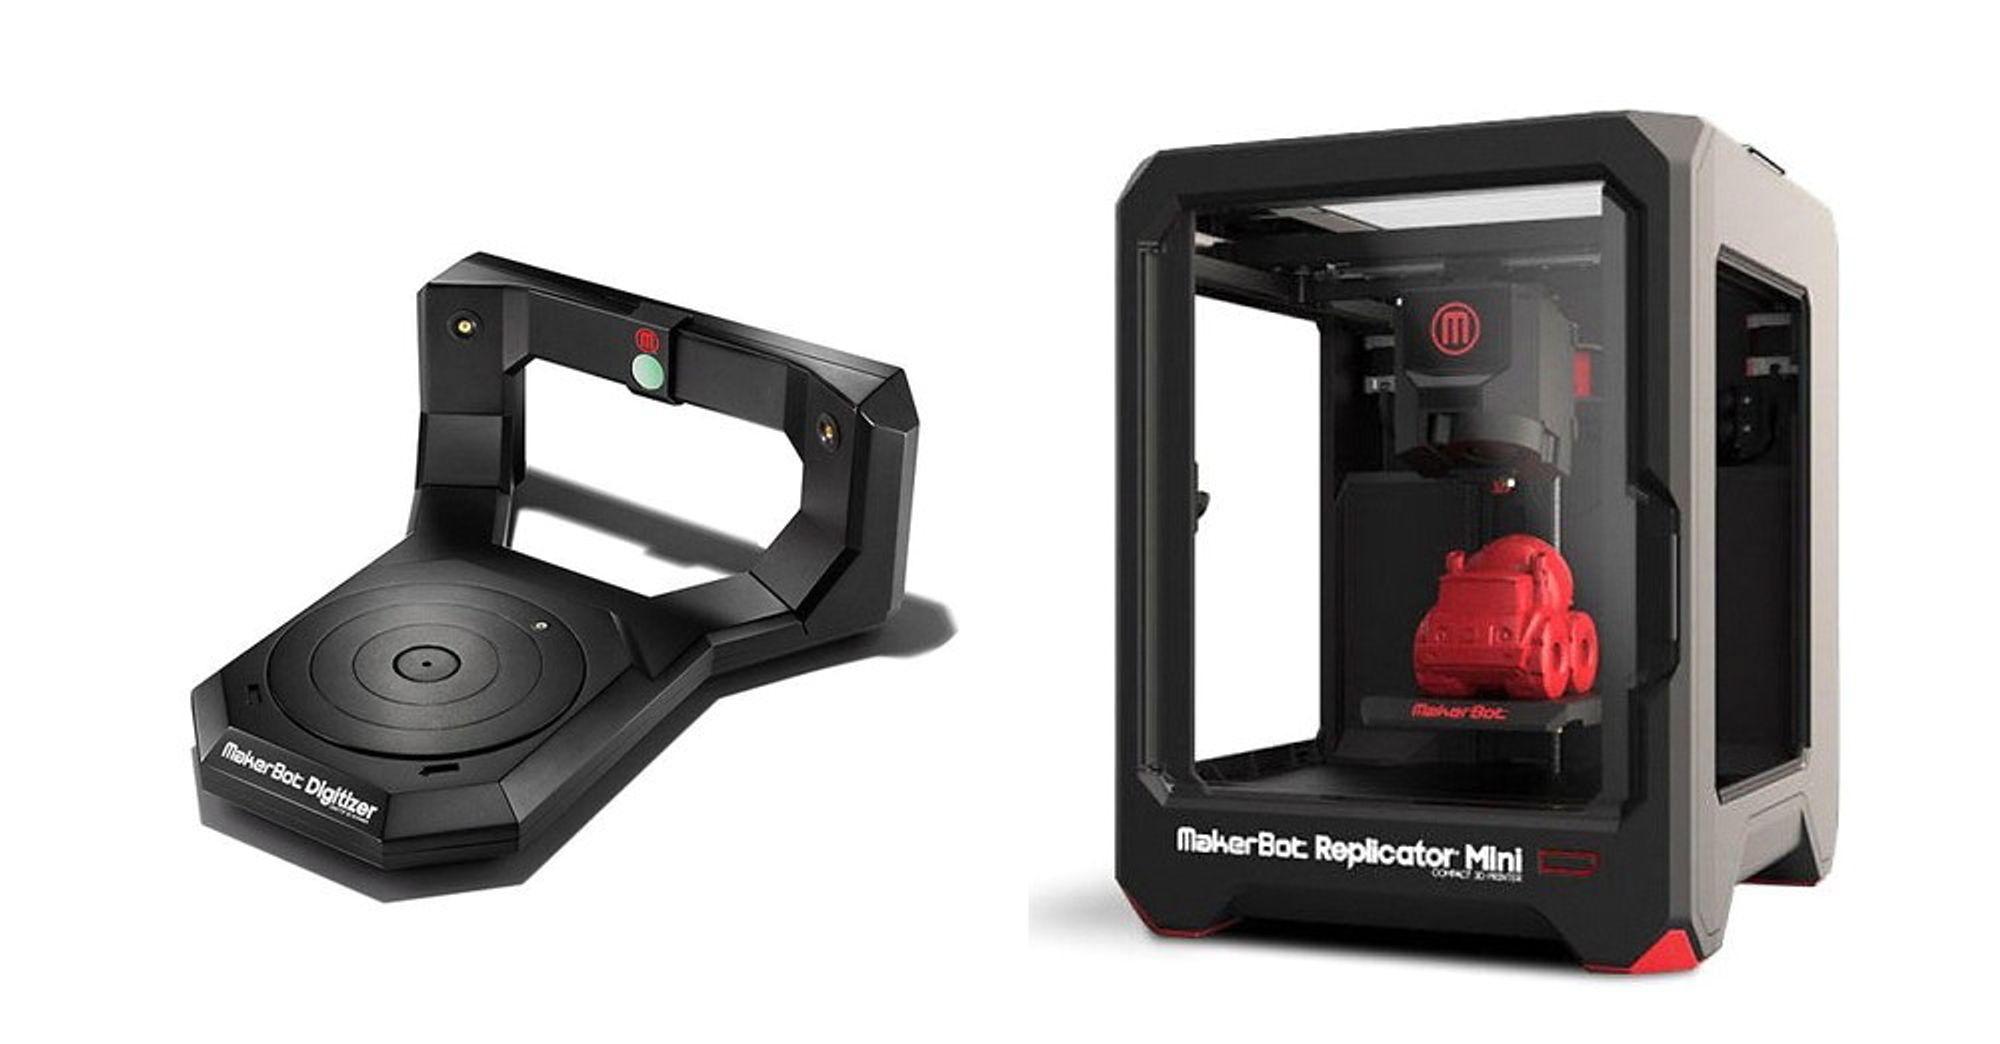 Makerbot lager noen av de rimeligste og mest populære 3D-skannerne og 3D-printerne i markedet.Til venstre har vi MakerBot Digitizer, som skanner objekter på den roterende platen og lager en 3D-modell av den i programvaren på PC-en, som siden kan benyttes til å duplisere enheten i 3D-printeren til høyre, MakerBot Replicator Mini.